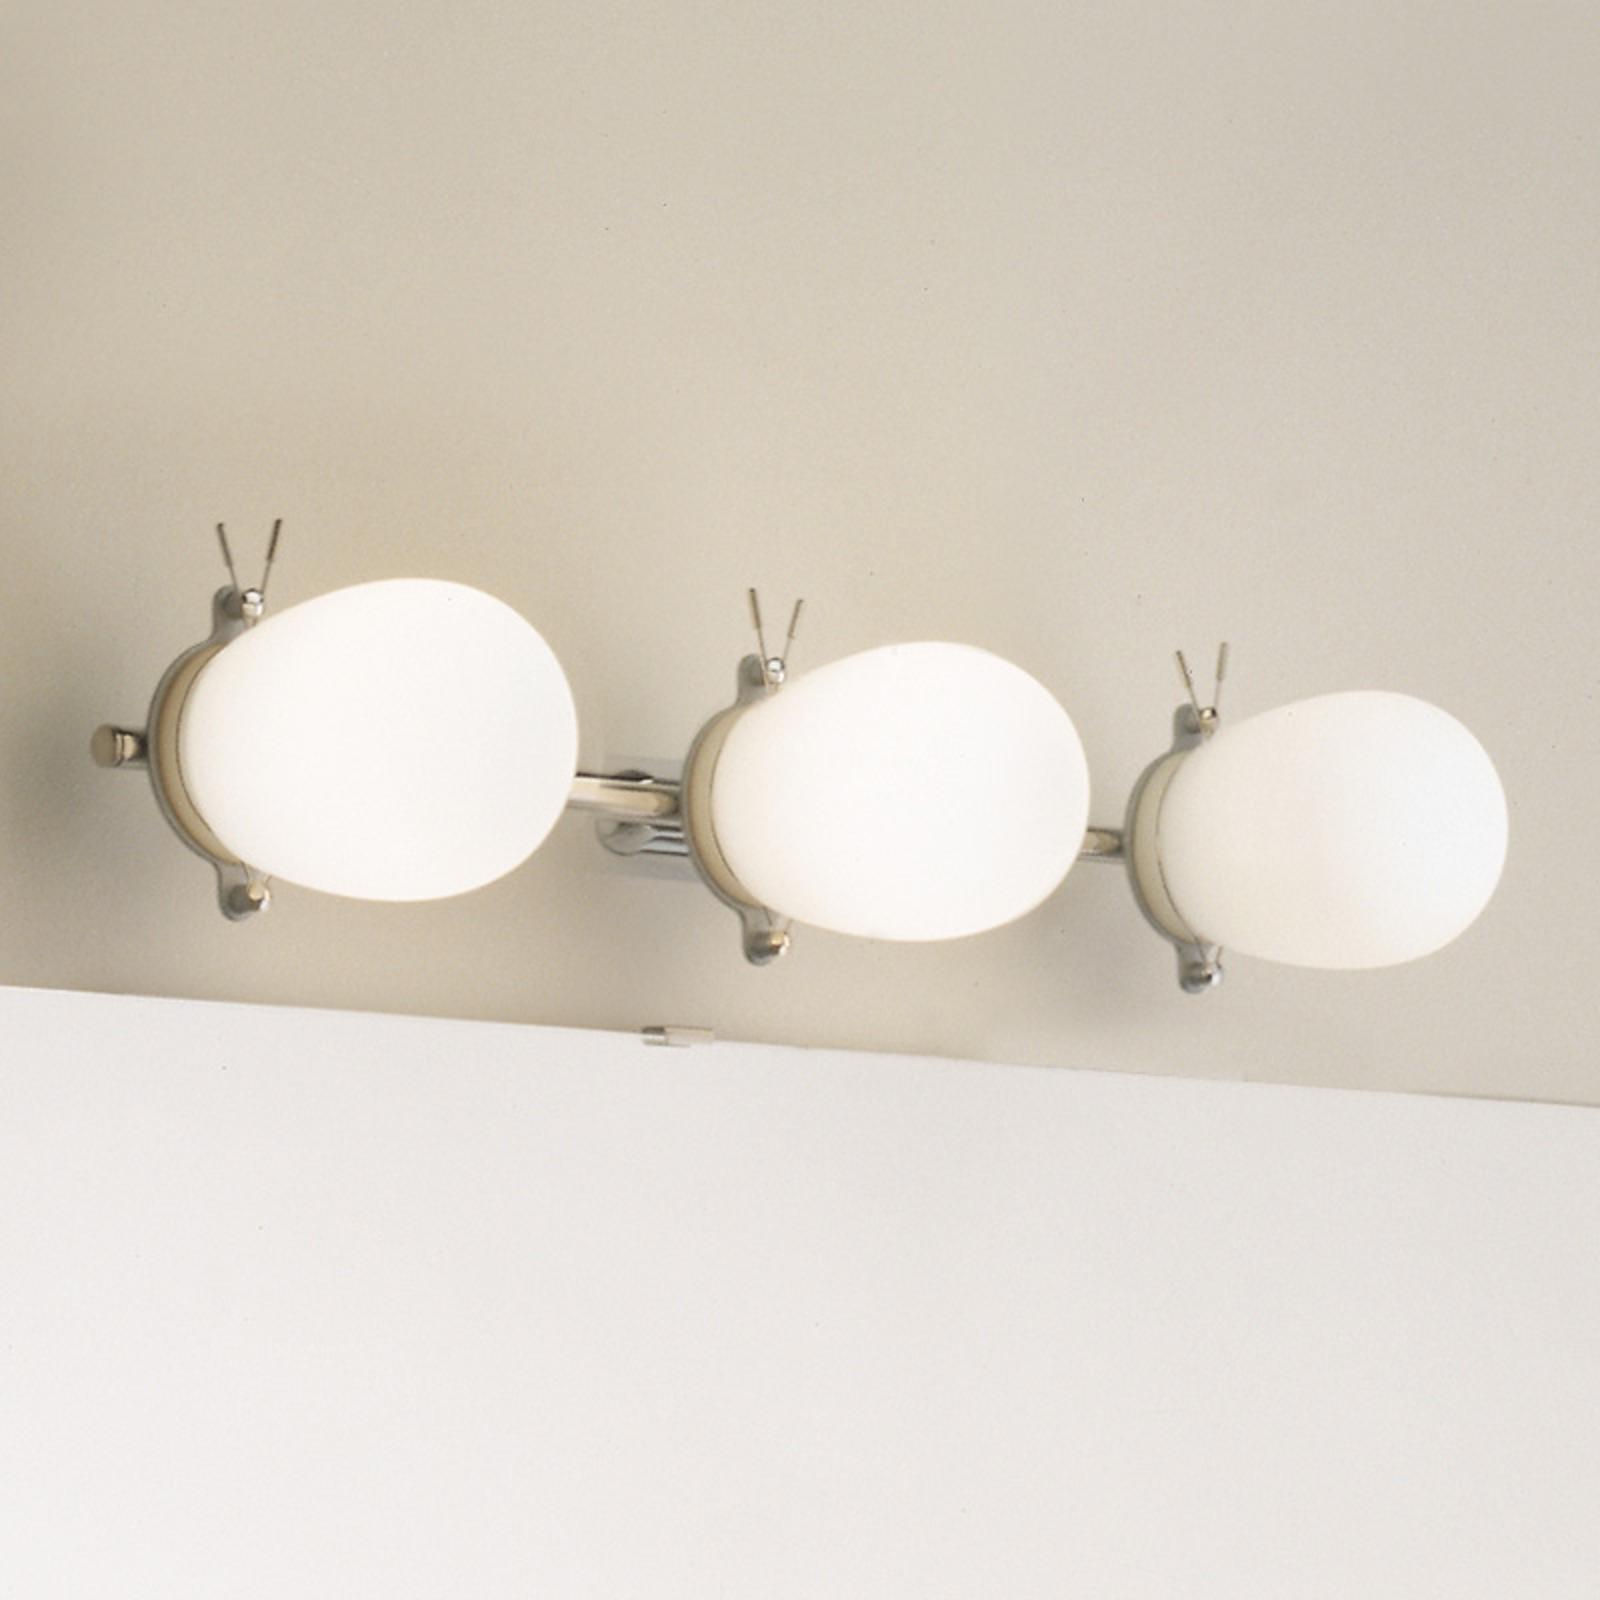 Kaunis kylpyhuoneen seinävalaisin Bano, 3 lamppua